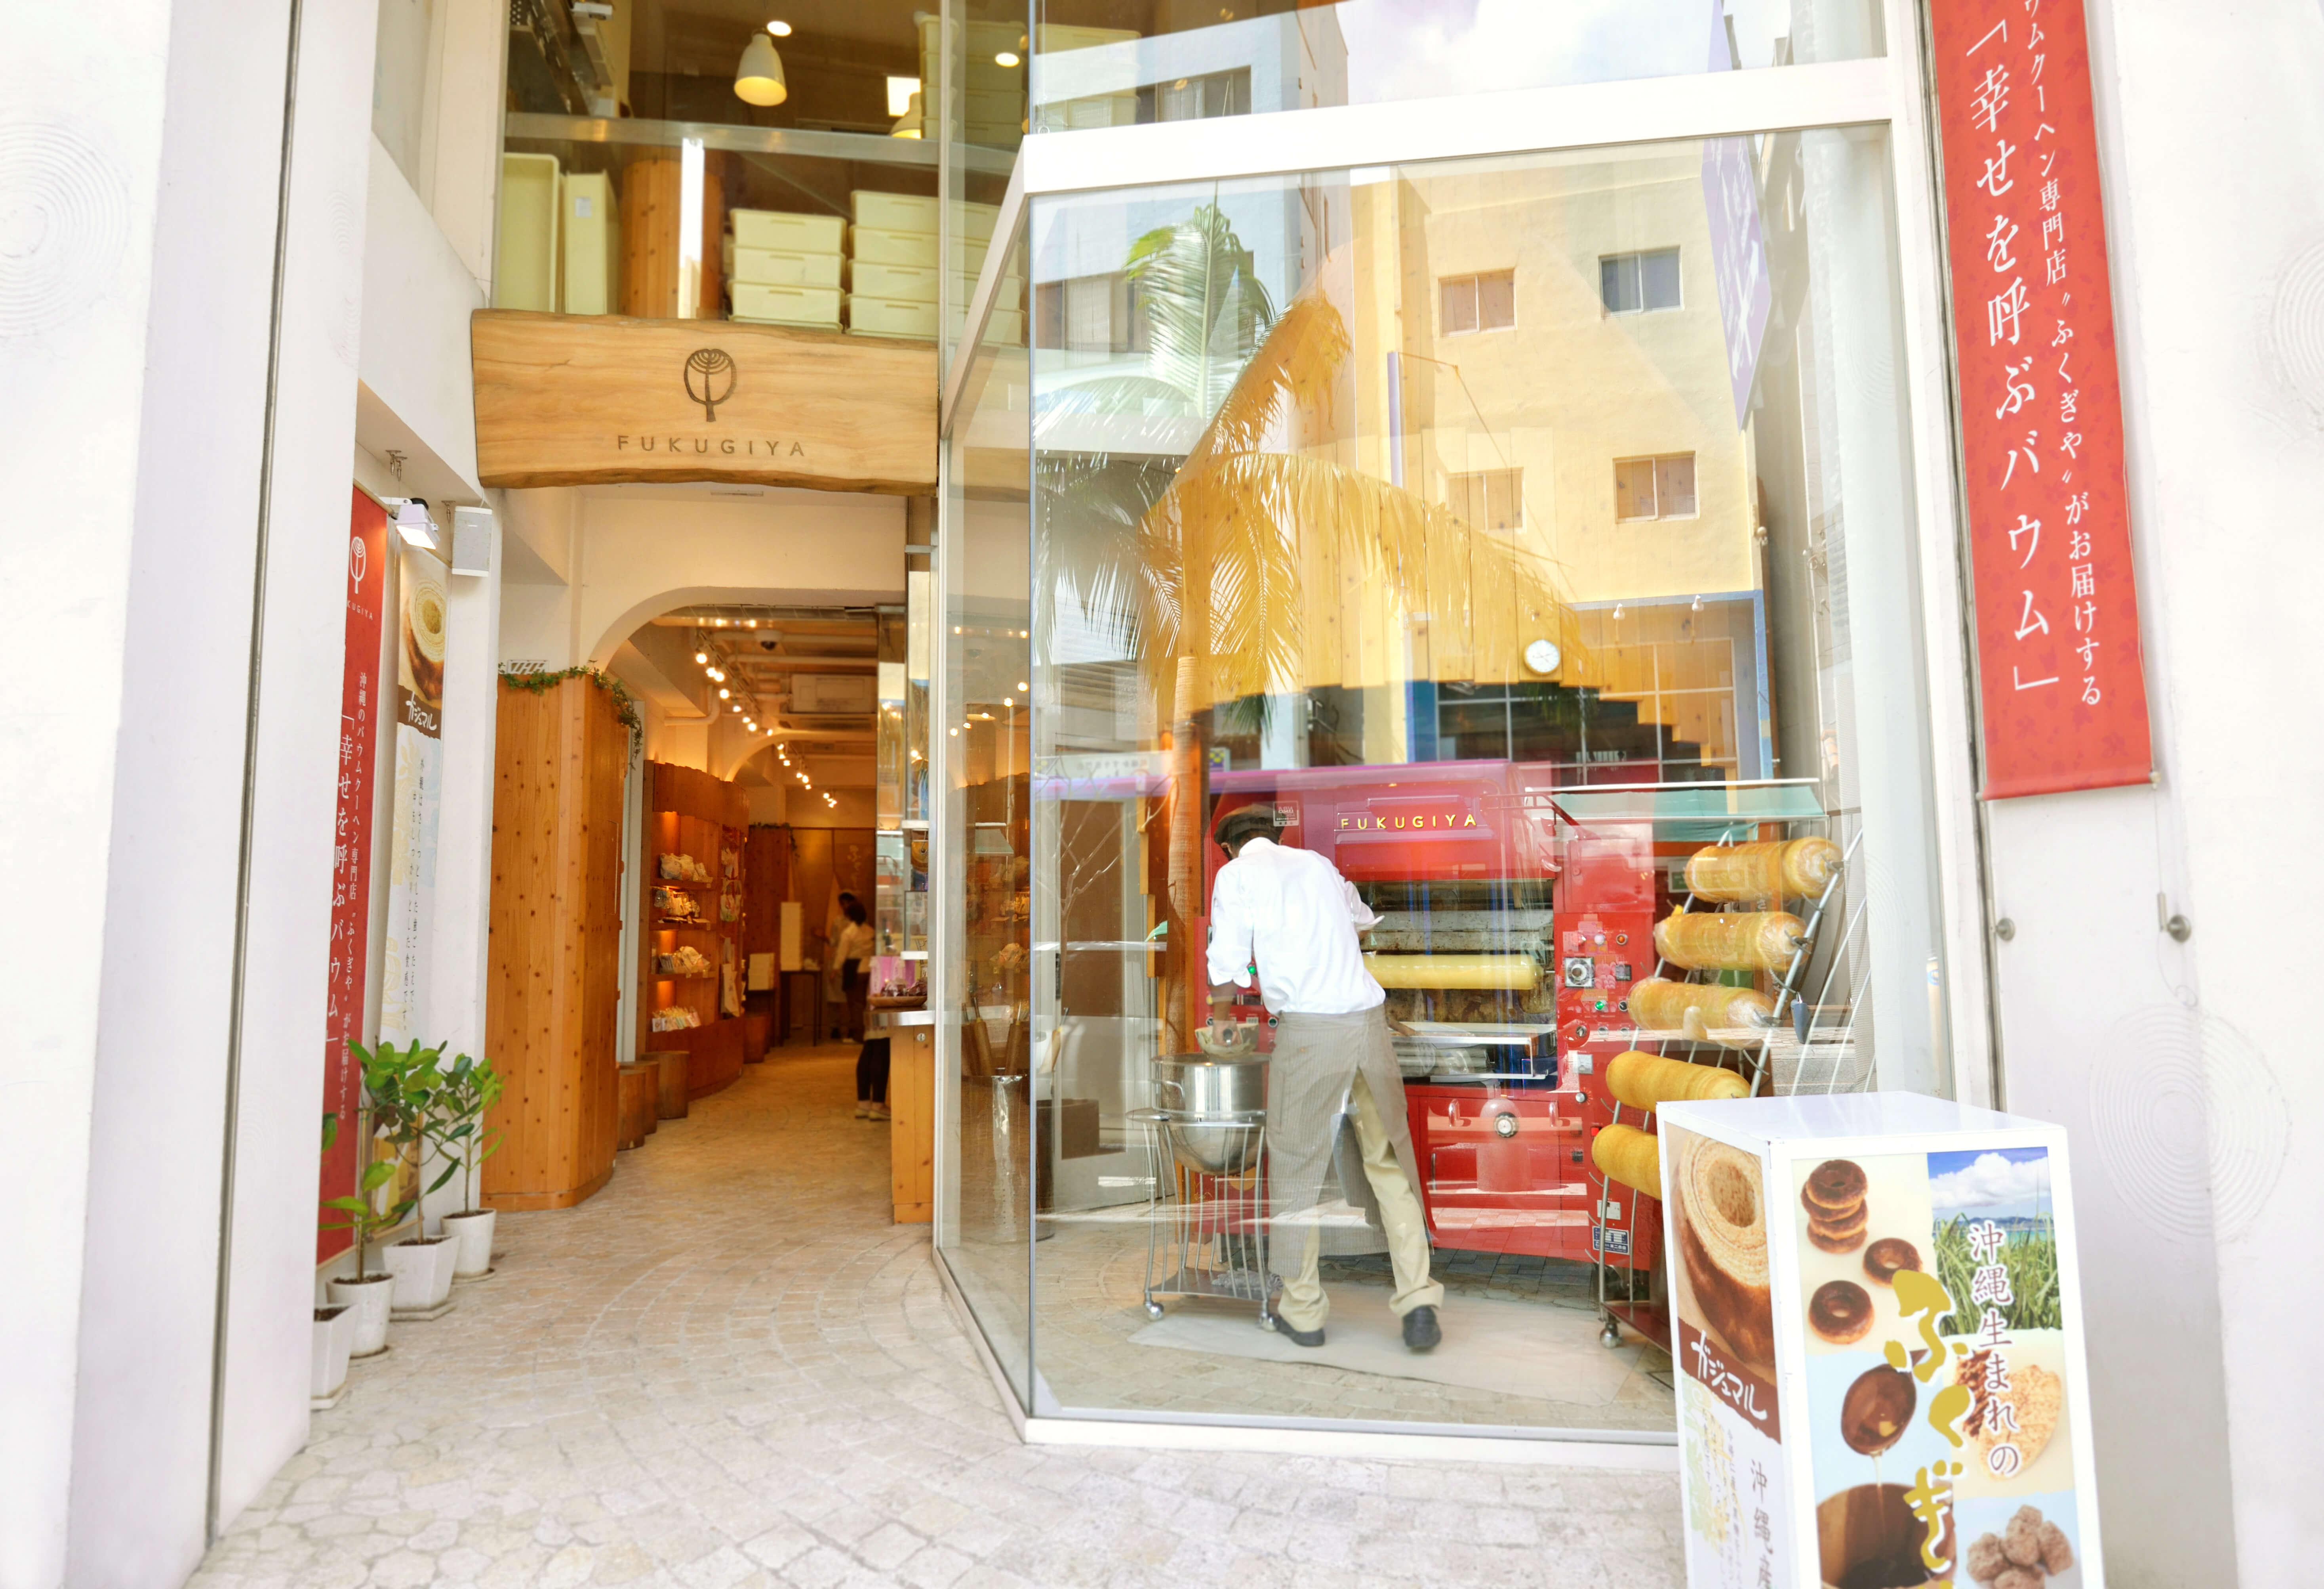 เค้กขอนไม้ Fukugiya Okinawa Kokusai-dori Baumkuhen